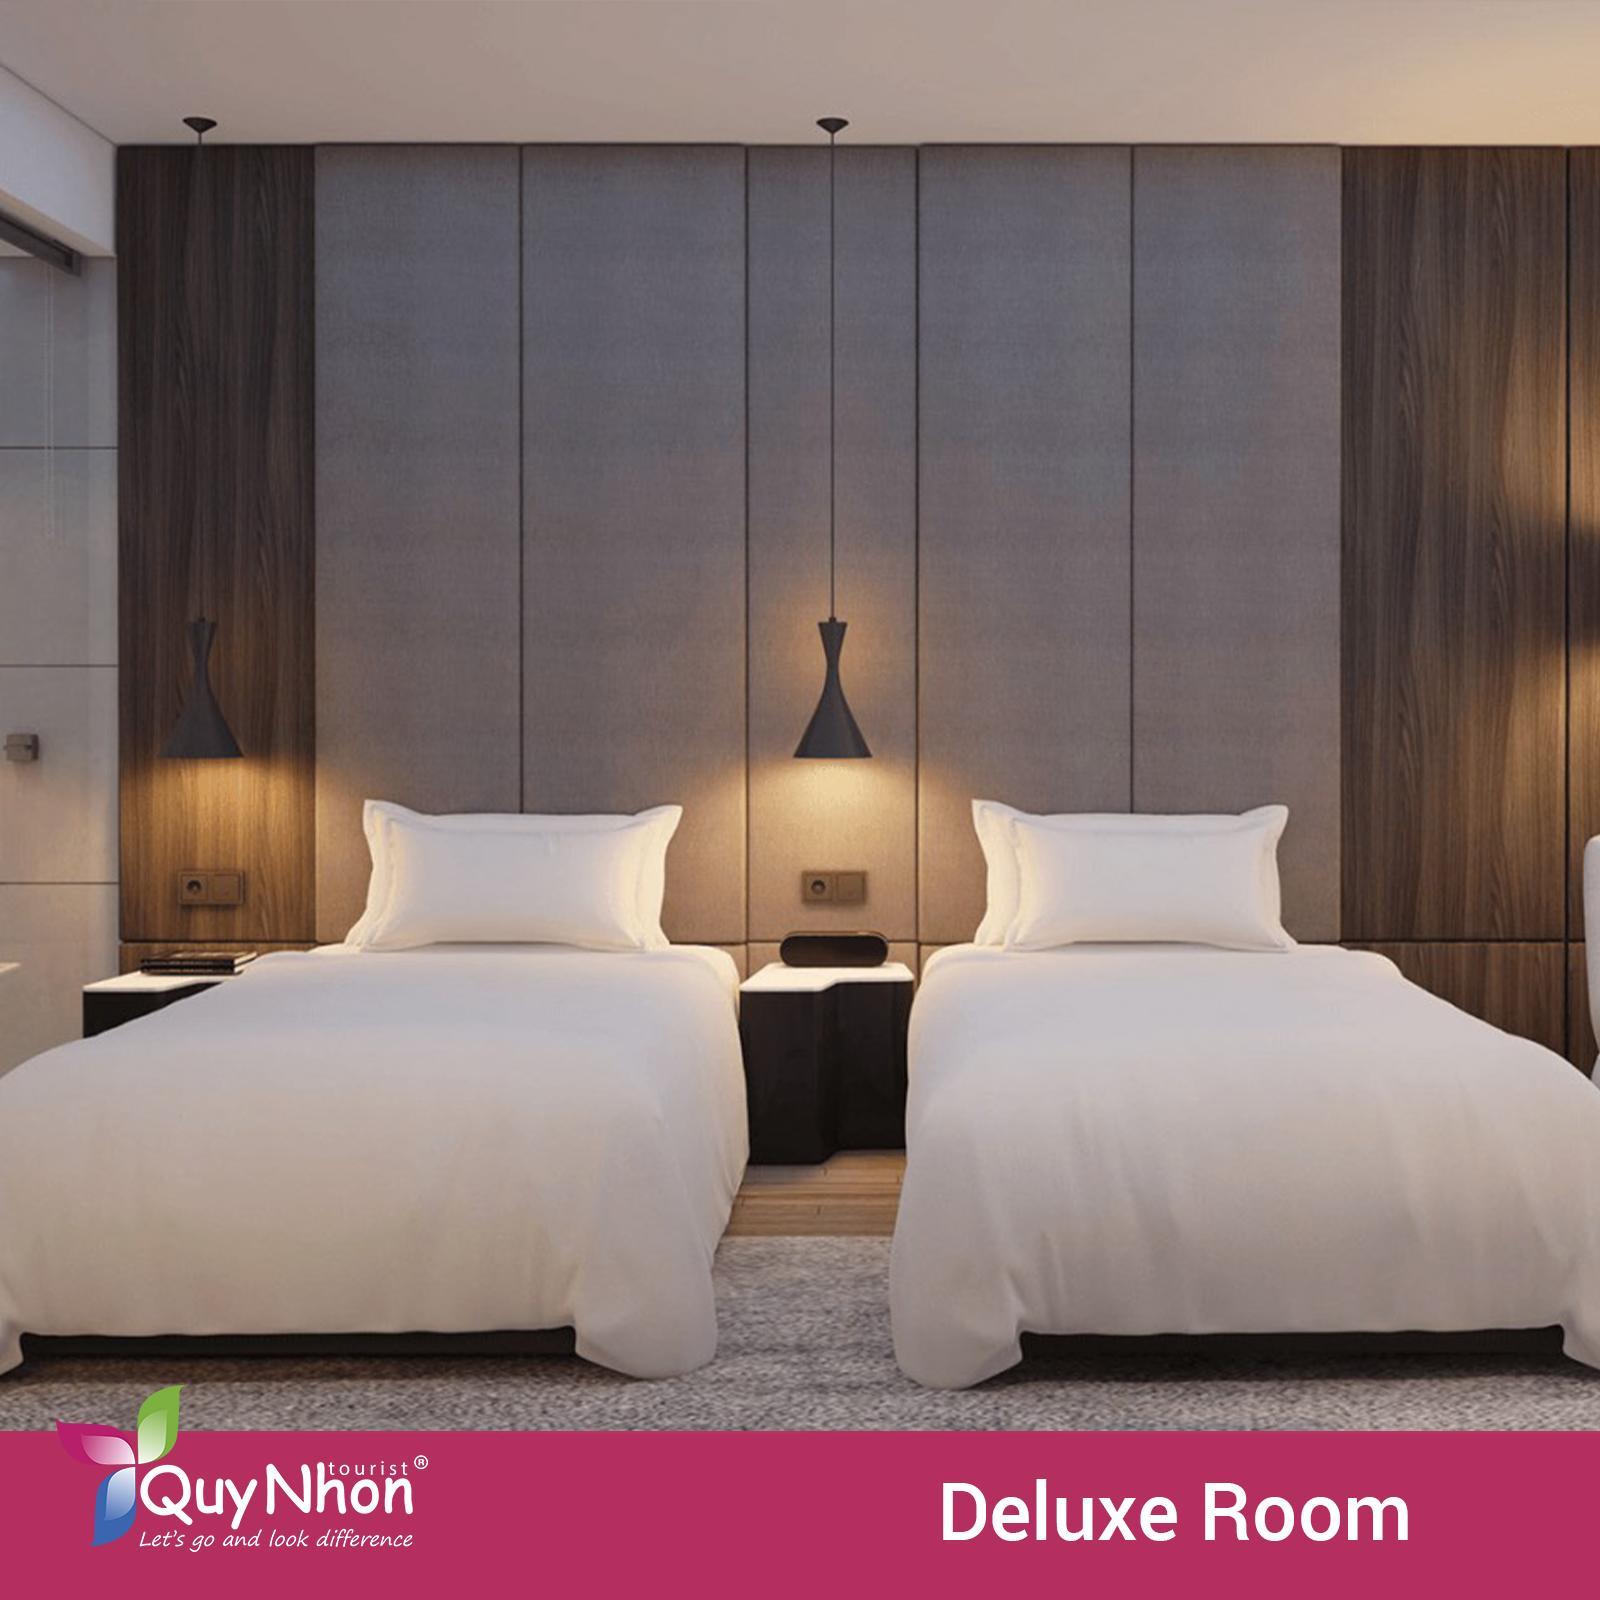 Meria Hotel Quy Nhơn - Deluxe Room.